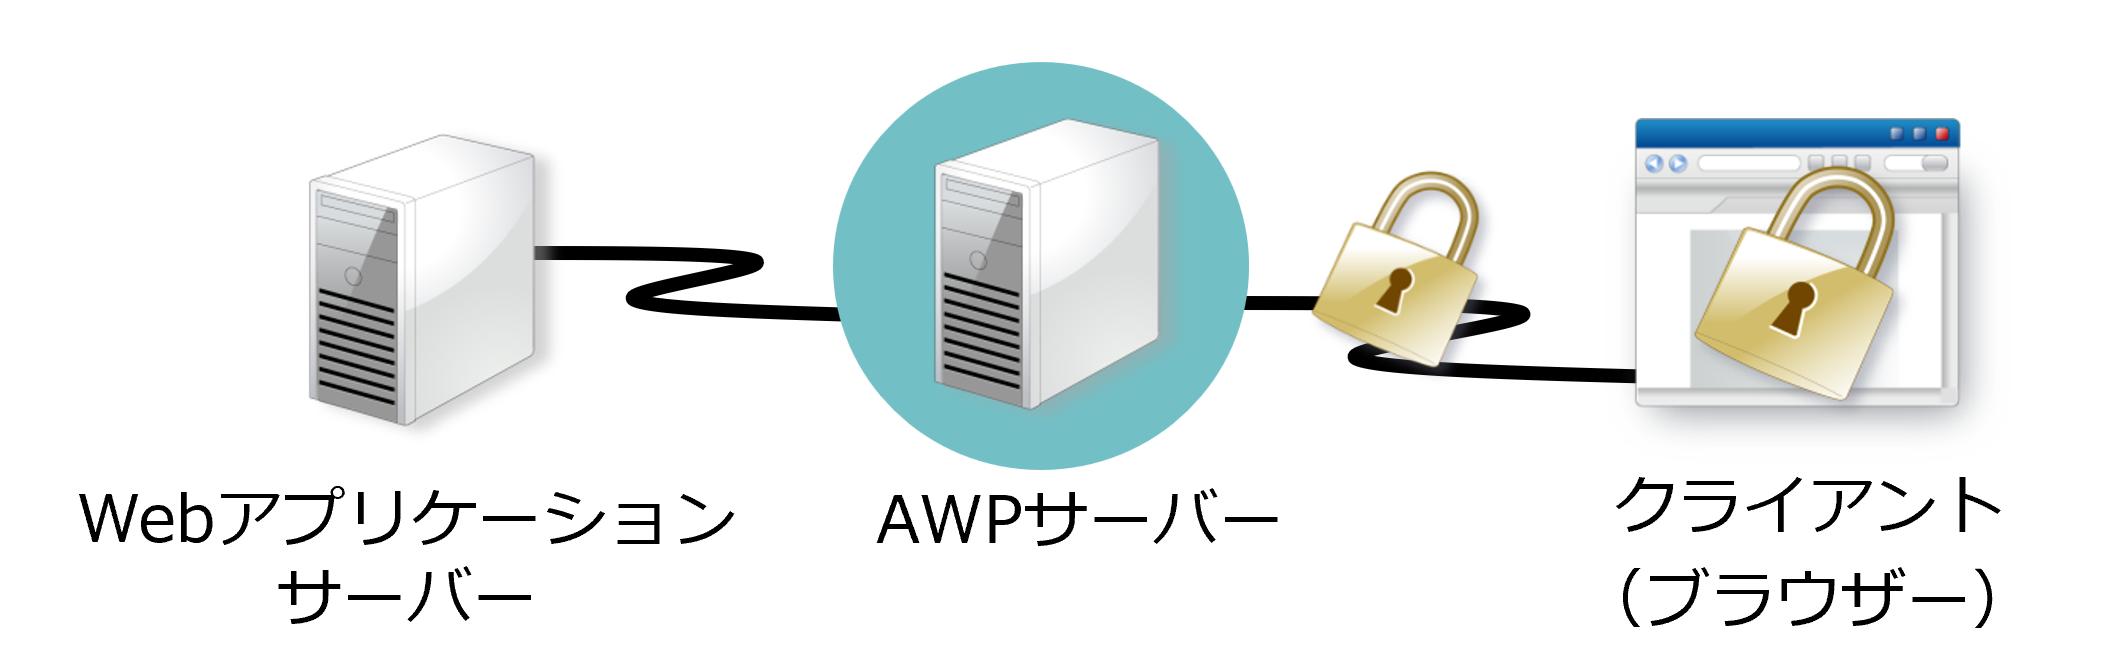 サーバーと利用者間の通信経路やブラウザーのキャッシュを暗号化し、情報漏洩を強力に防止